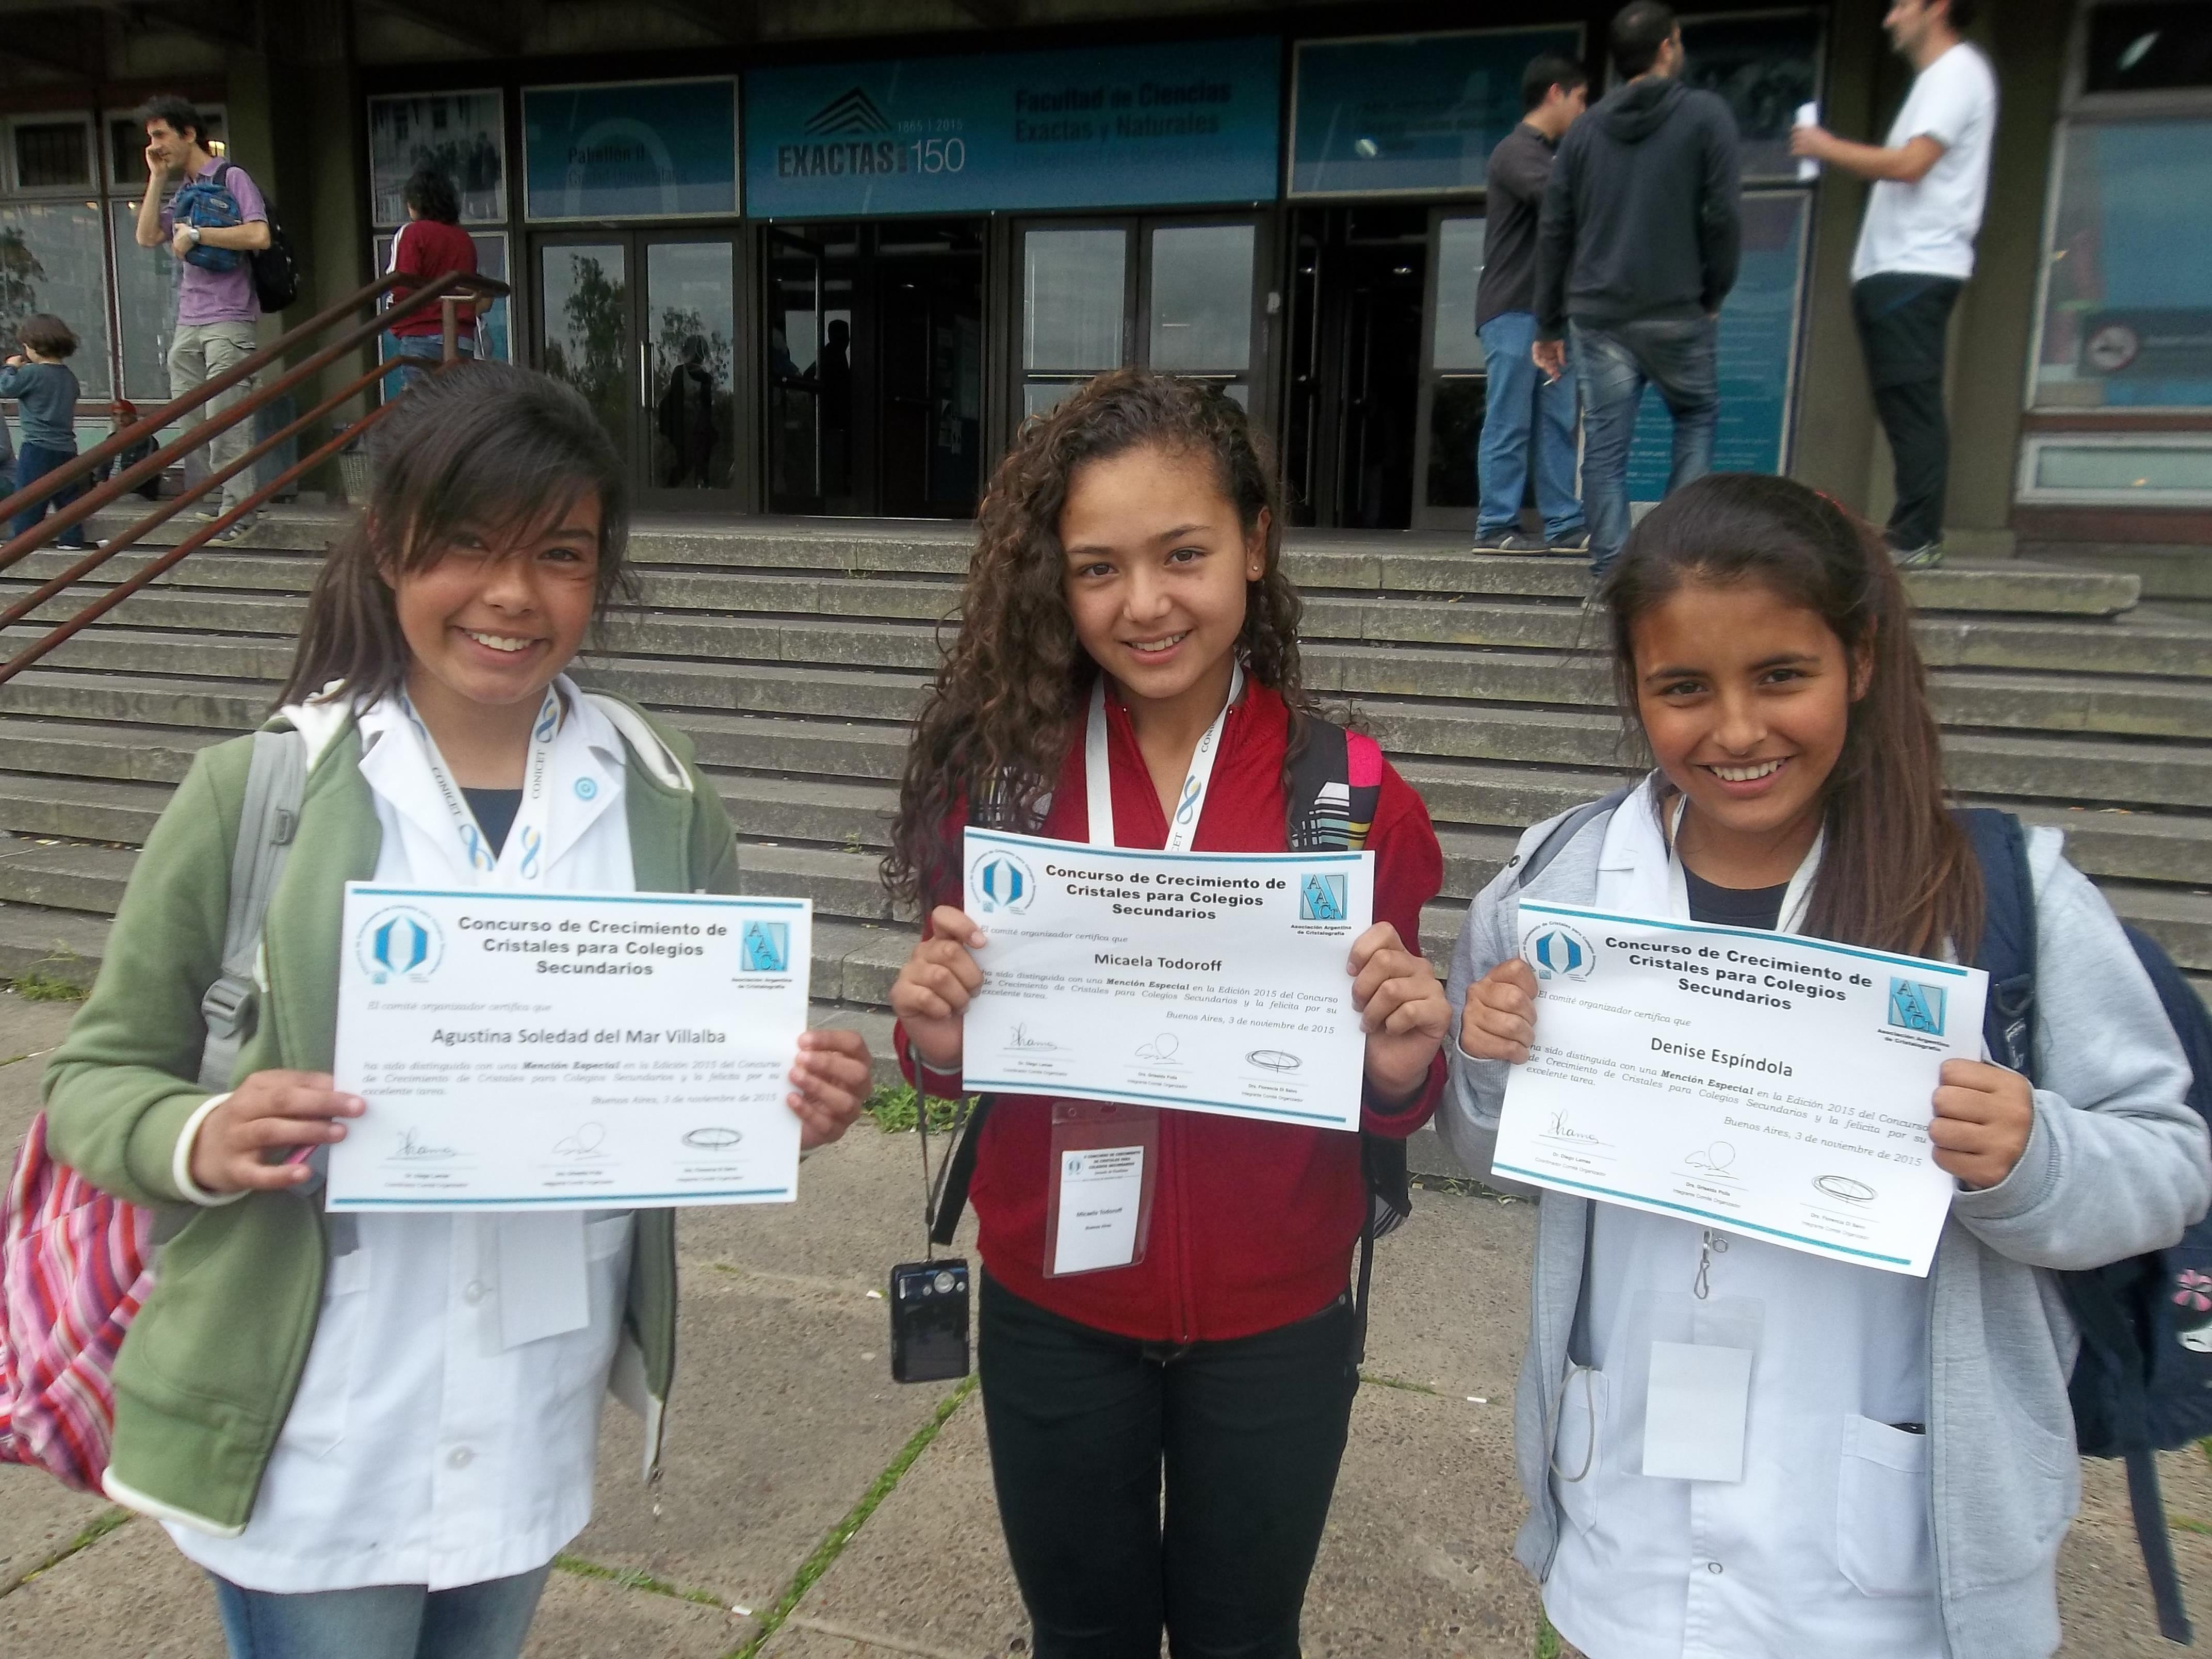 Noticias_chivilcoy_Medalla de bronce para una secundaria de Otamendi - 2